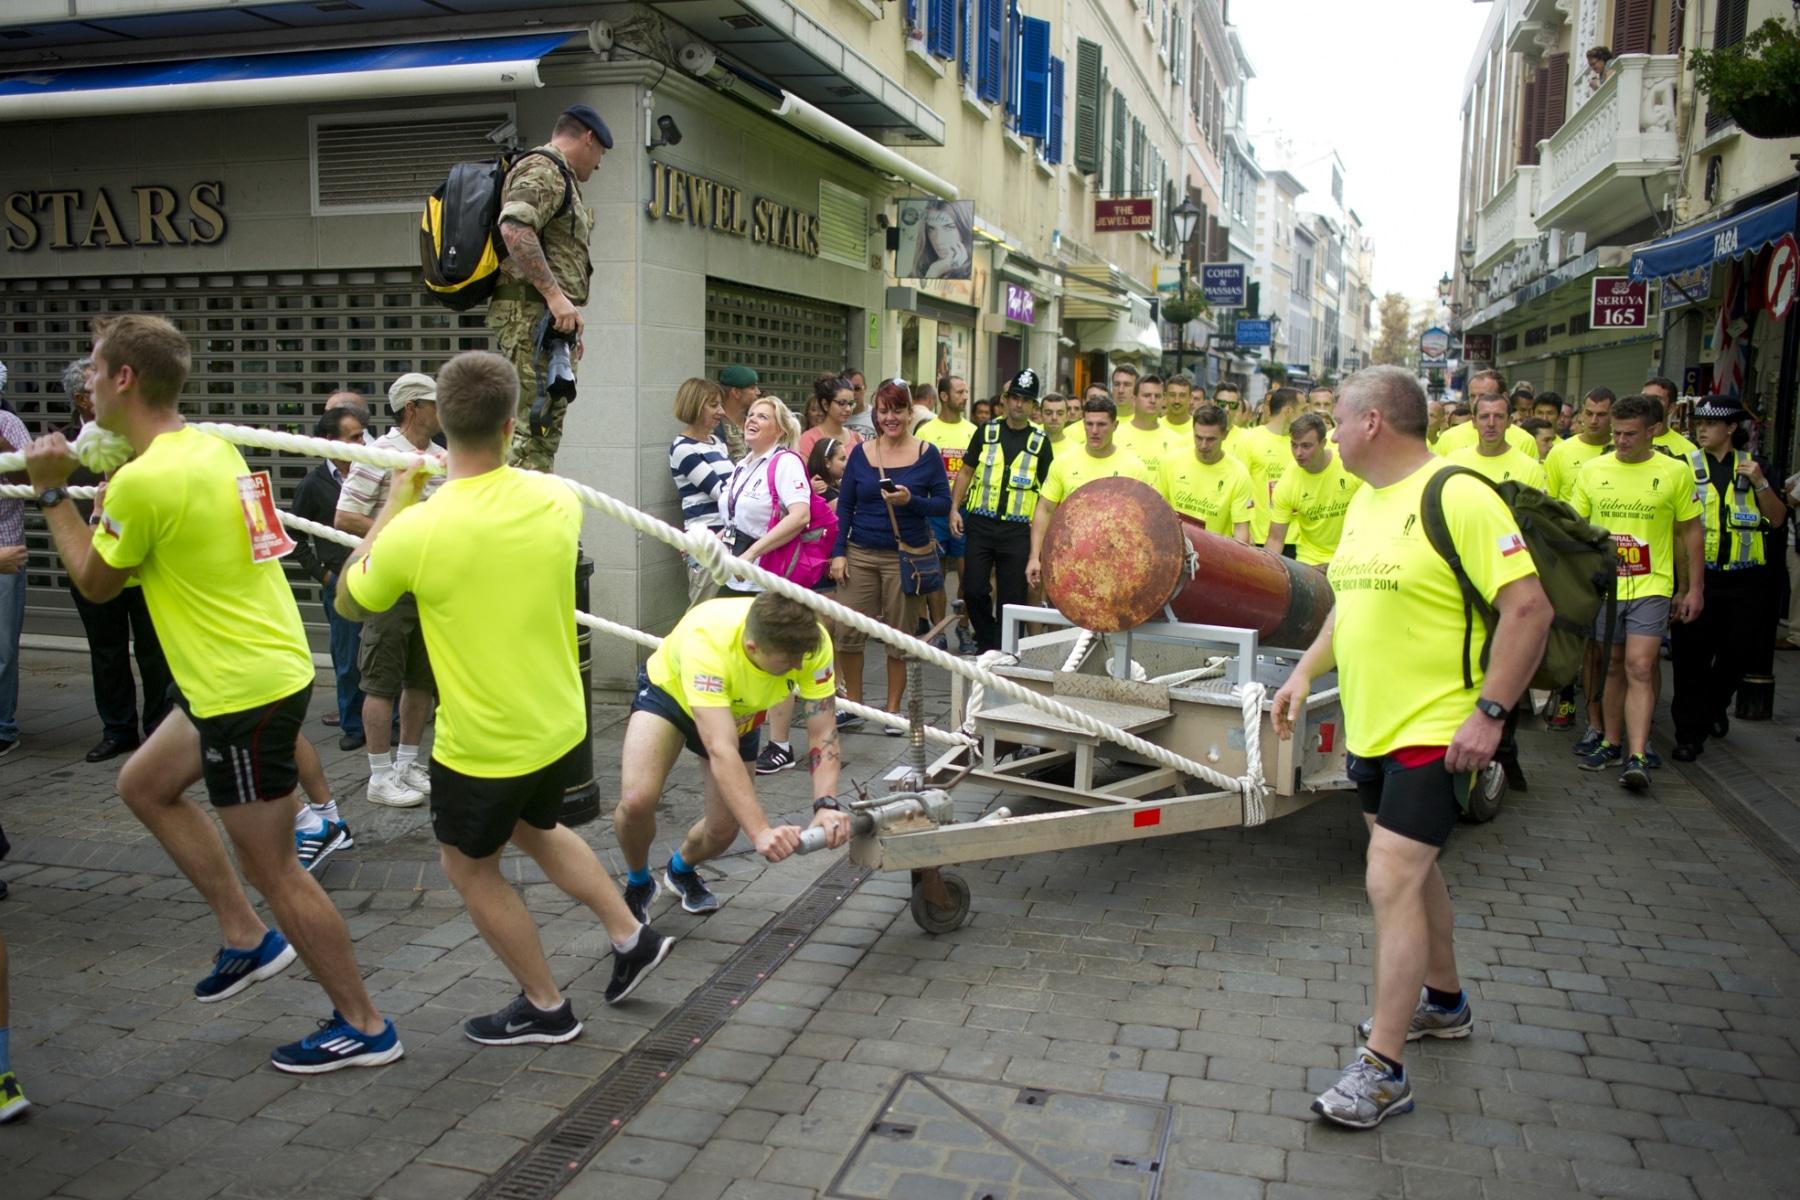 henry-cavill-en-la-carrera-del-350-aniversario-de-los-royal-marines-en-gibraltar-25-octubre-201417_15437752767_o